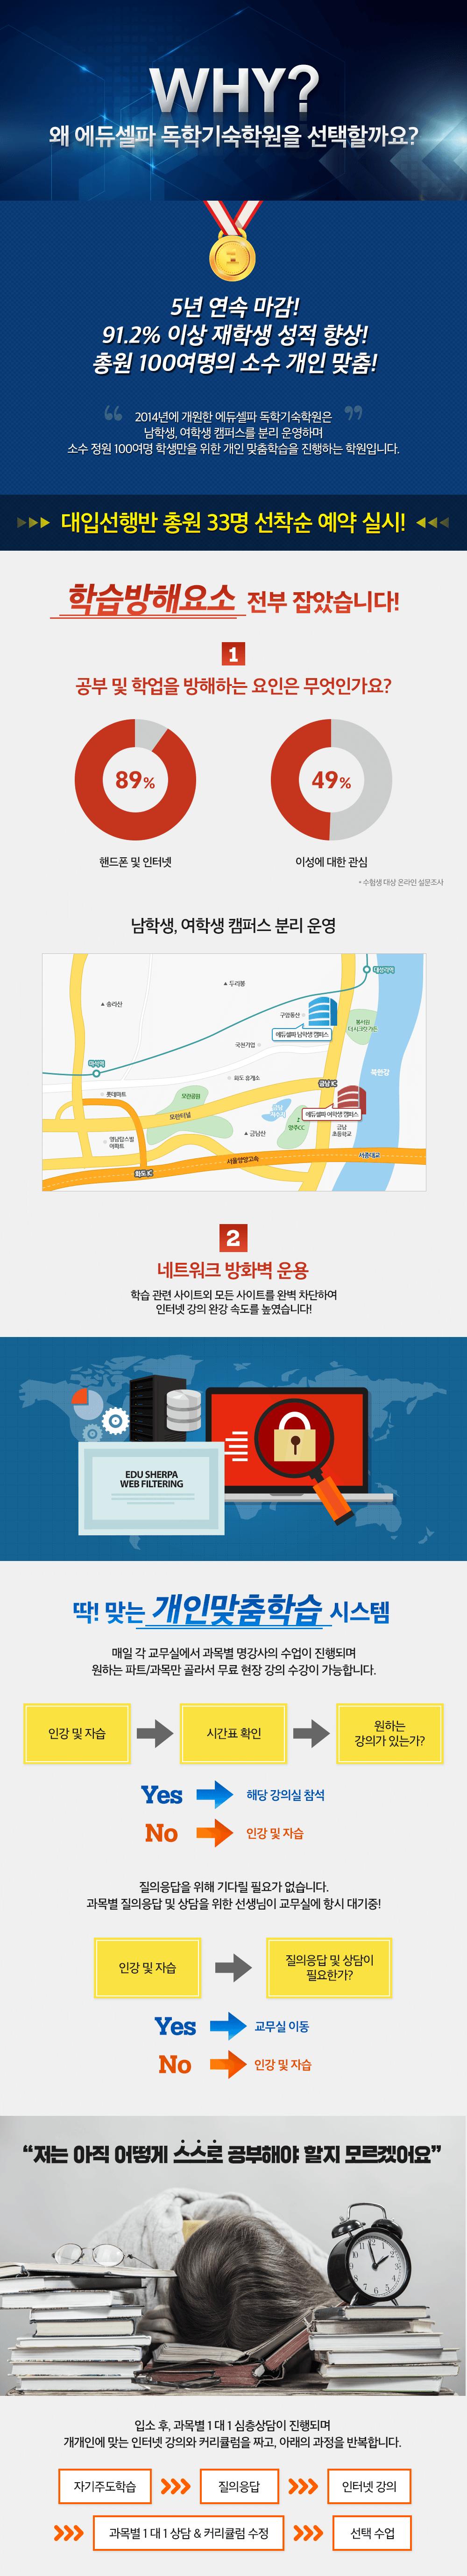 에듀셀파 여학생 독학기숙학원 2020 학년도 선행반 소개 1